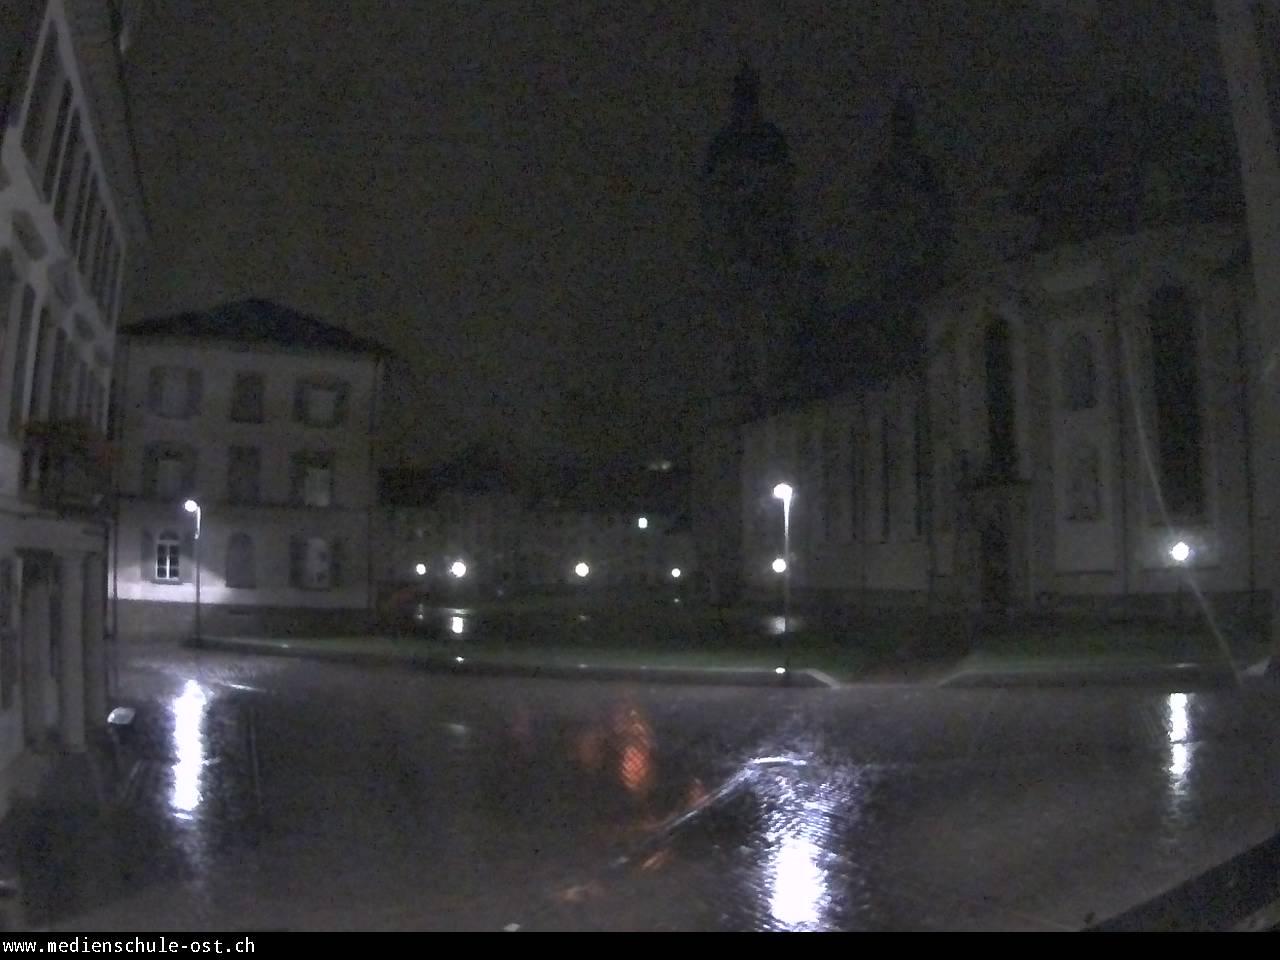 St. Gallen Live Cam, Switzerland – Klosterplatz